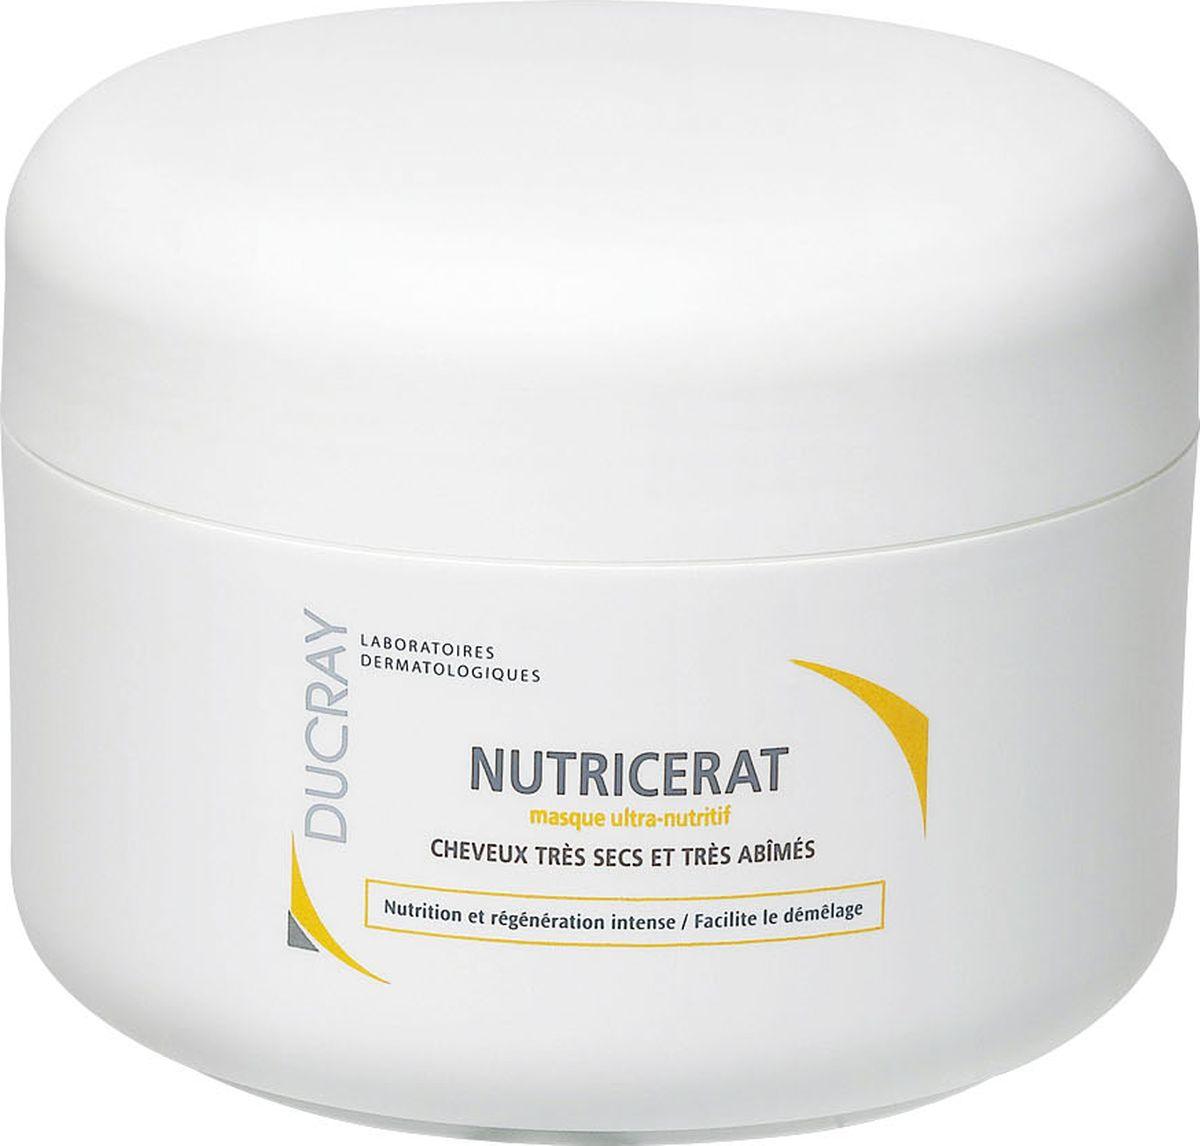 Ducray Сверхпитательная маска Neoptide 150млFS-00897Сверхпитательная маска Nutricerat (Нутрицерат) интенсивно питает и восстанавливает сухие поврежденный волосы по всей длине. Маска насыщена маслом Иллипа, которое обеспечивает проникновение питательных веществ в стержень волоса, что гарантирует глубокое восстановление волос. Маска также содержит релипидирующий комплекс (натурального происхождения), образованного фосфолипидами и скваленом для восстановления волос и защиты от дальнейших повреждений. Высокая концентрация липидных веществ обеспечивает мягкость волос и сияние. Кремовая текстура маски делает ее использование особенно приятным.